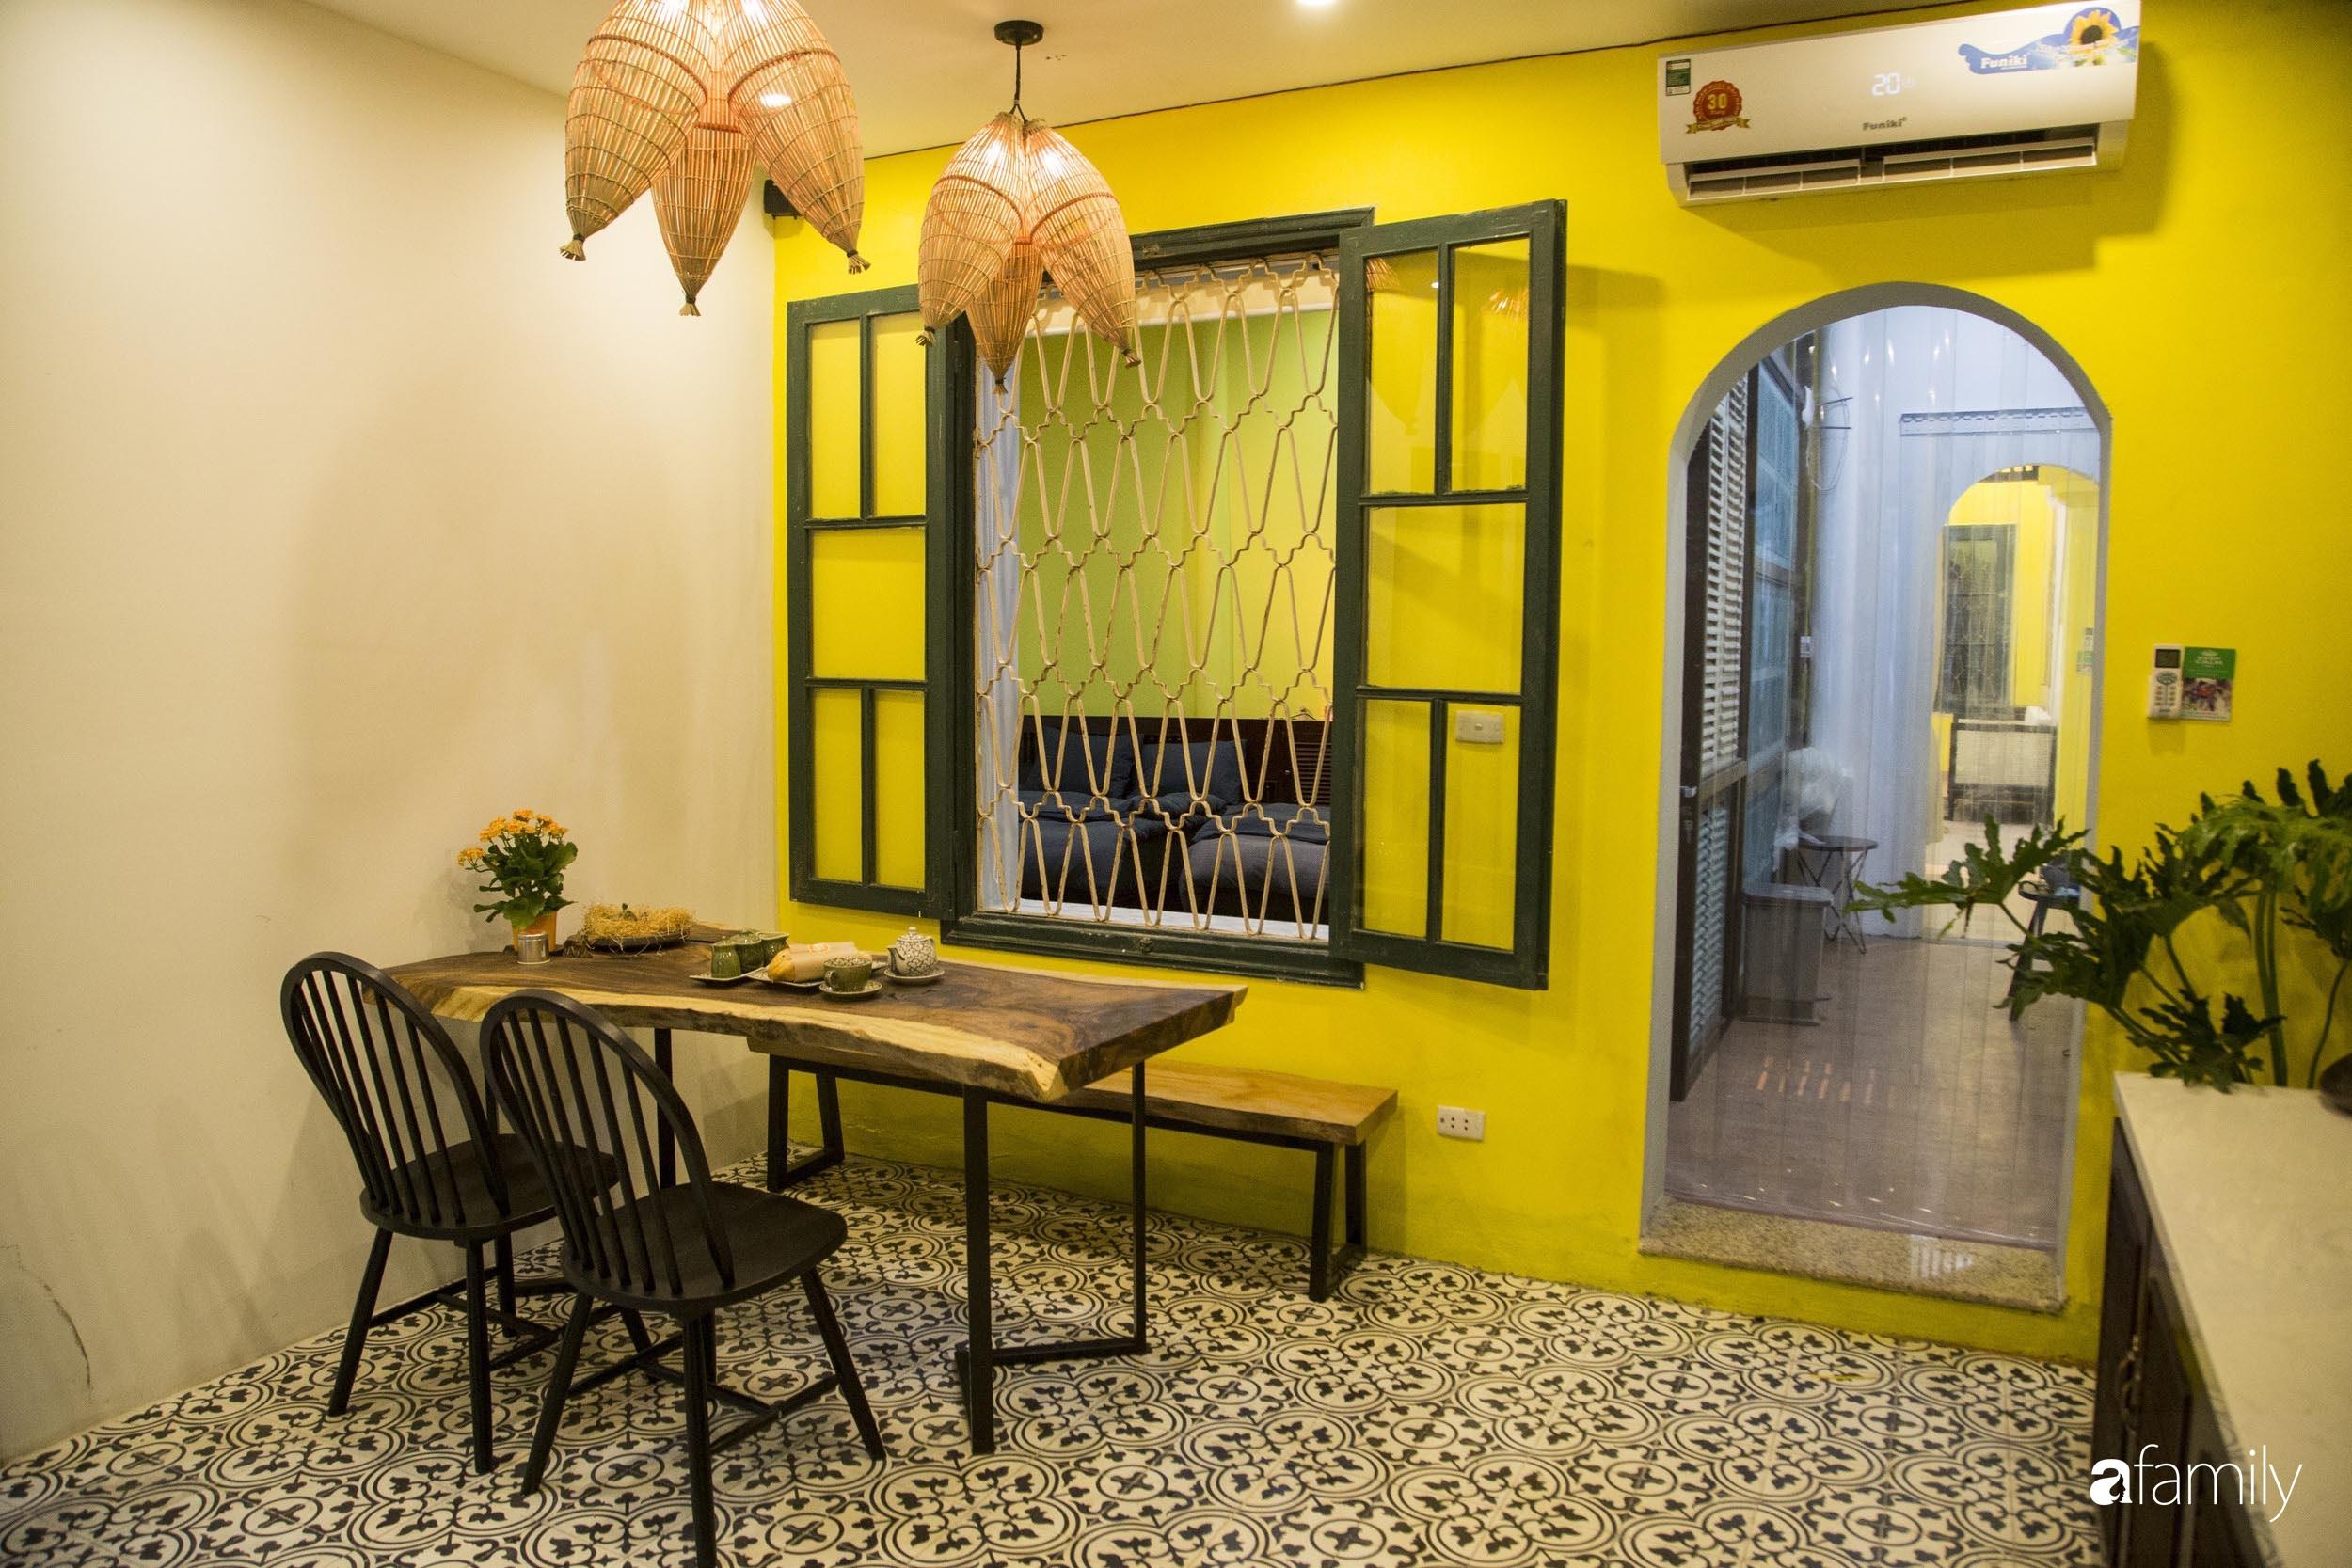 Căn hộ tập thể vàng ươm sắc nắng đẹp mang vẻ hoài cổ ấn tượng ở quận Hoàn Kiếm, Hà Nội - Ảnh 2.